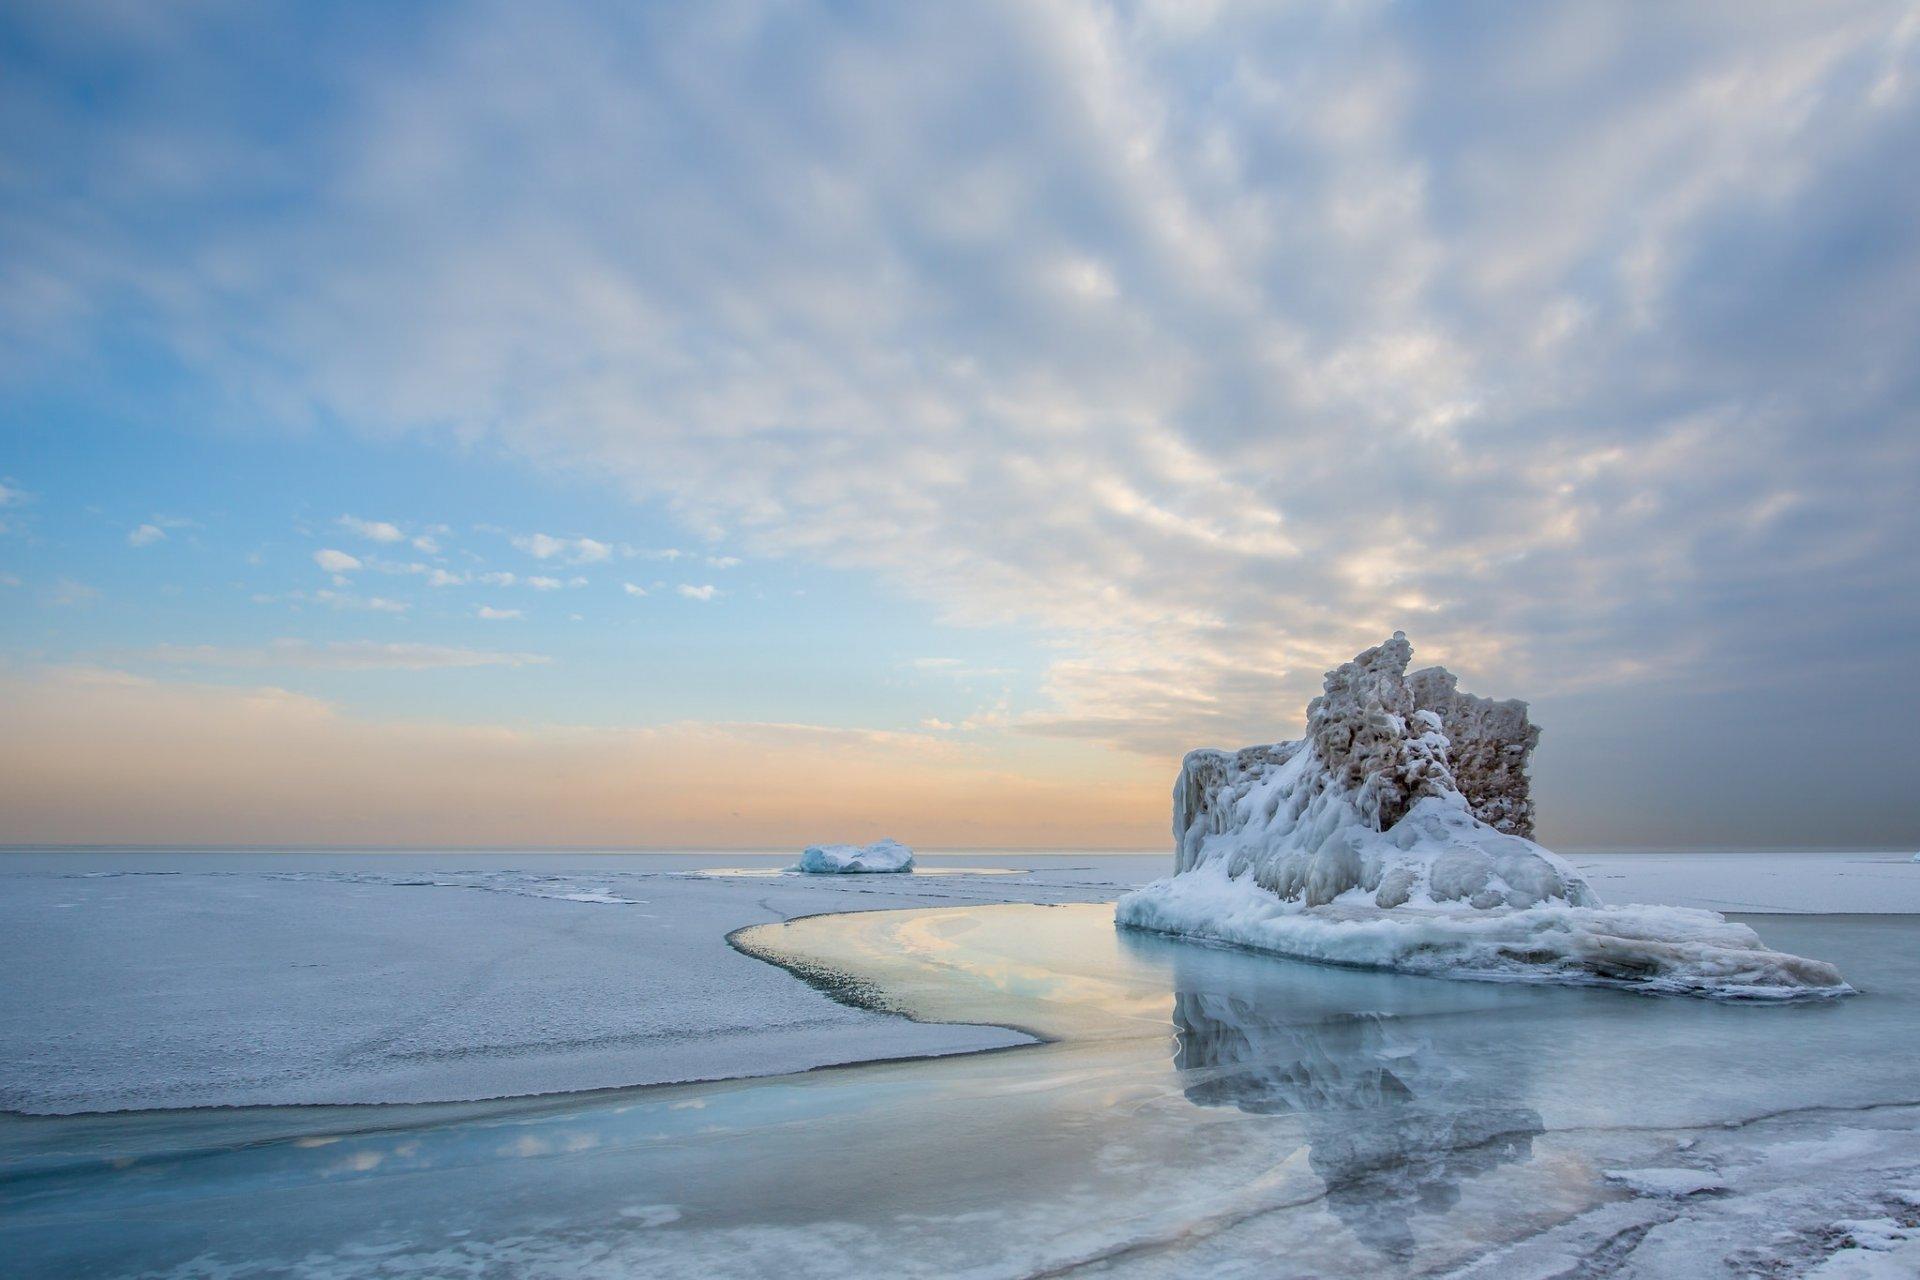 обои море зимой для рабочего стола № 632294 загрузить